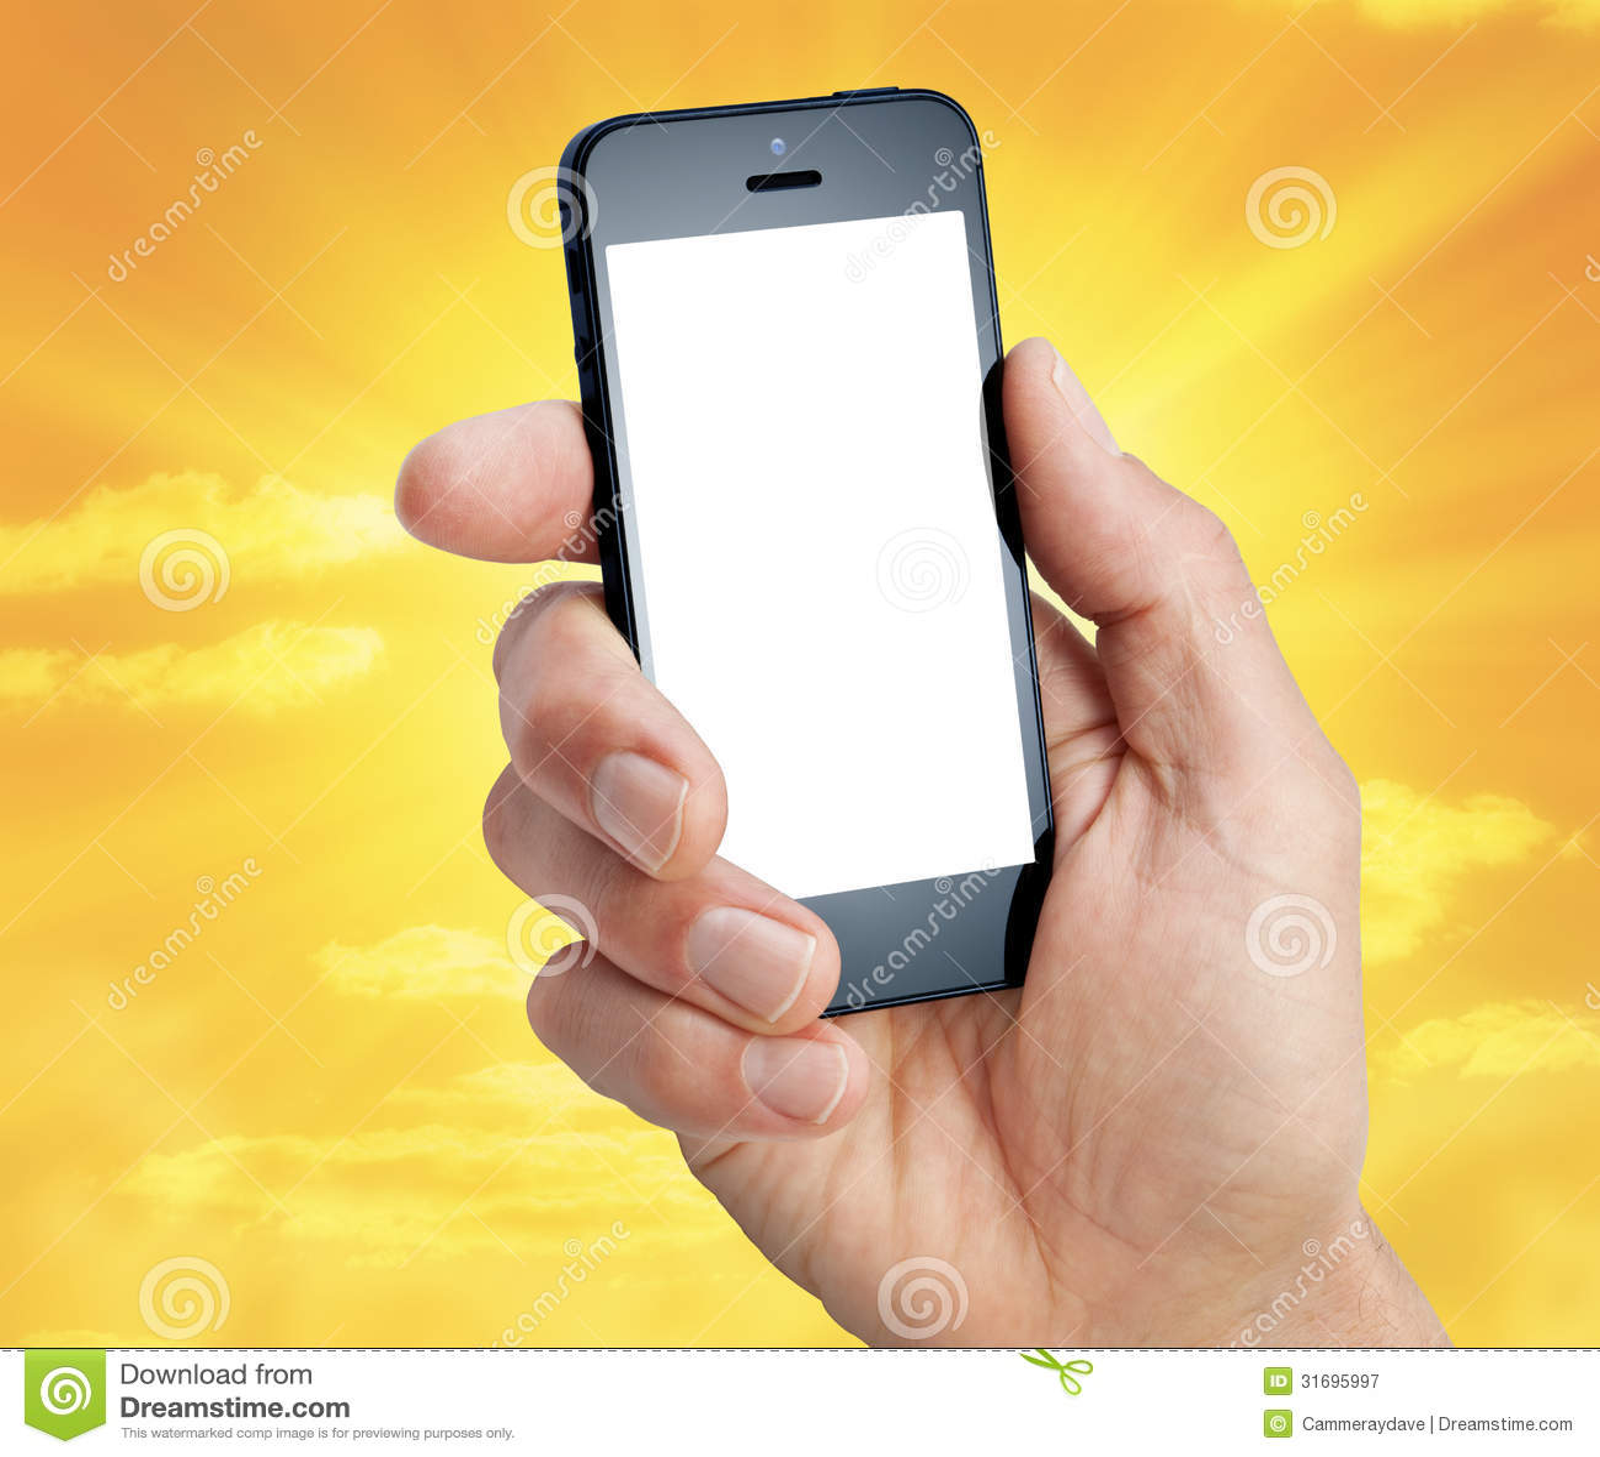 Ciel de main de téléphone portable